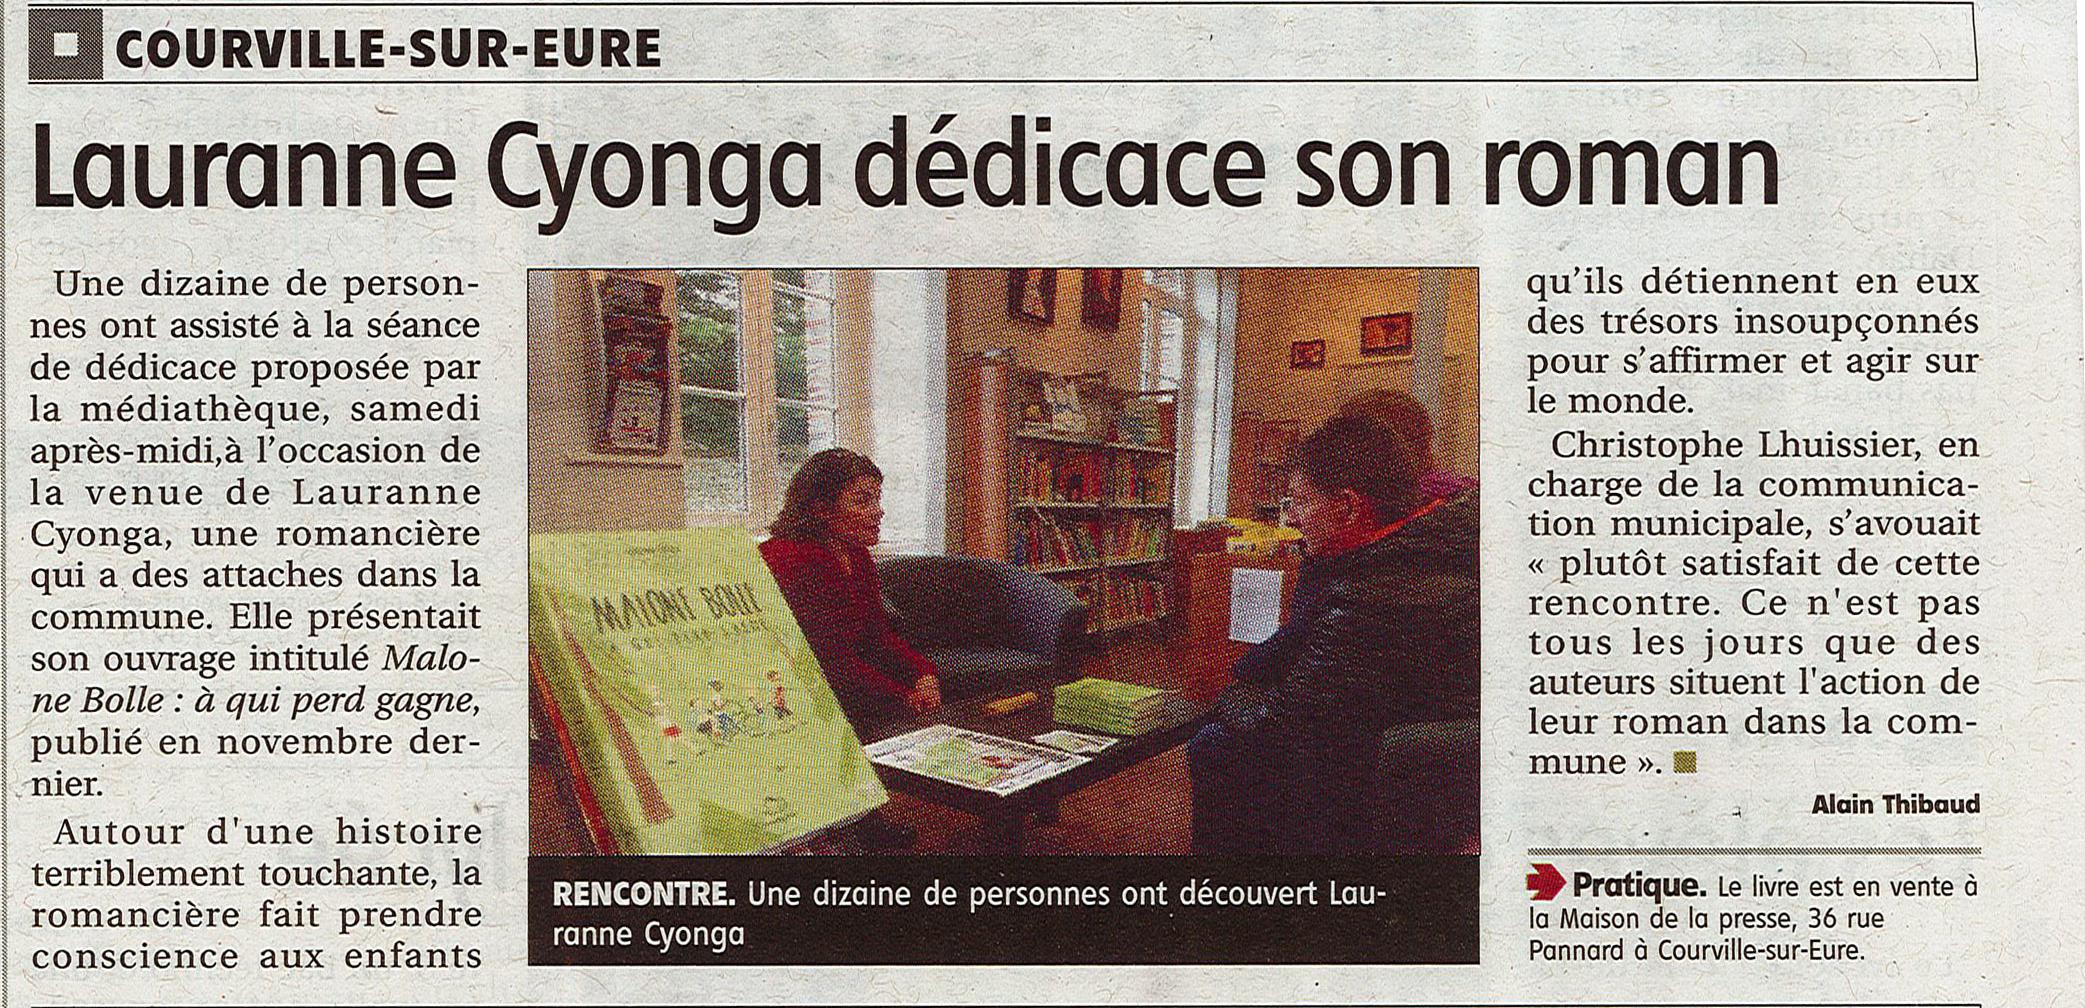 Rencontre Lauranne Cyonga à Courville sur Eure